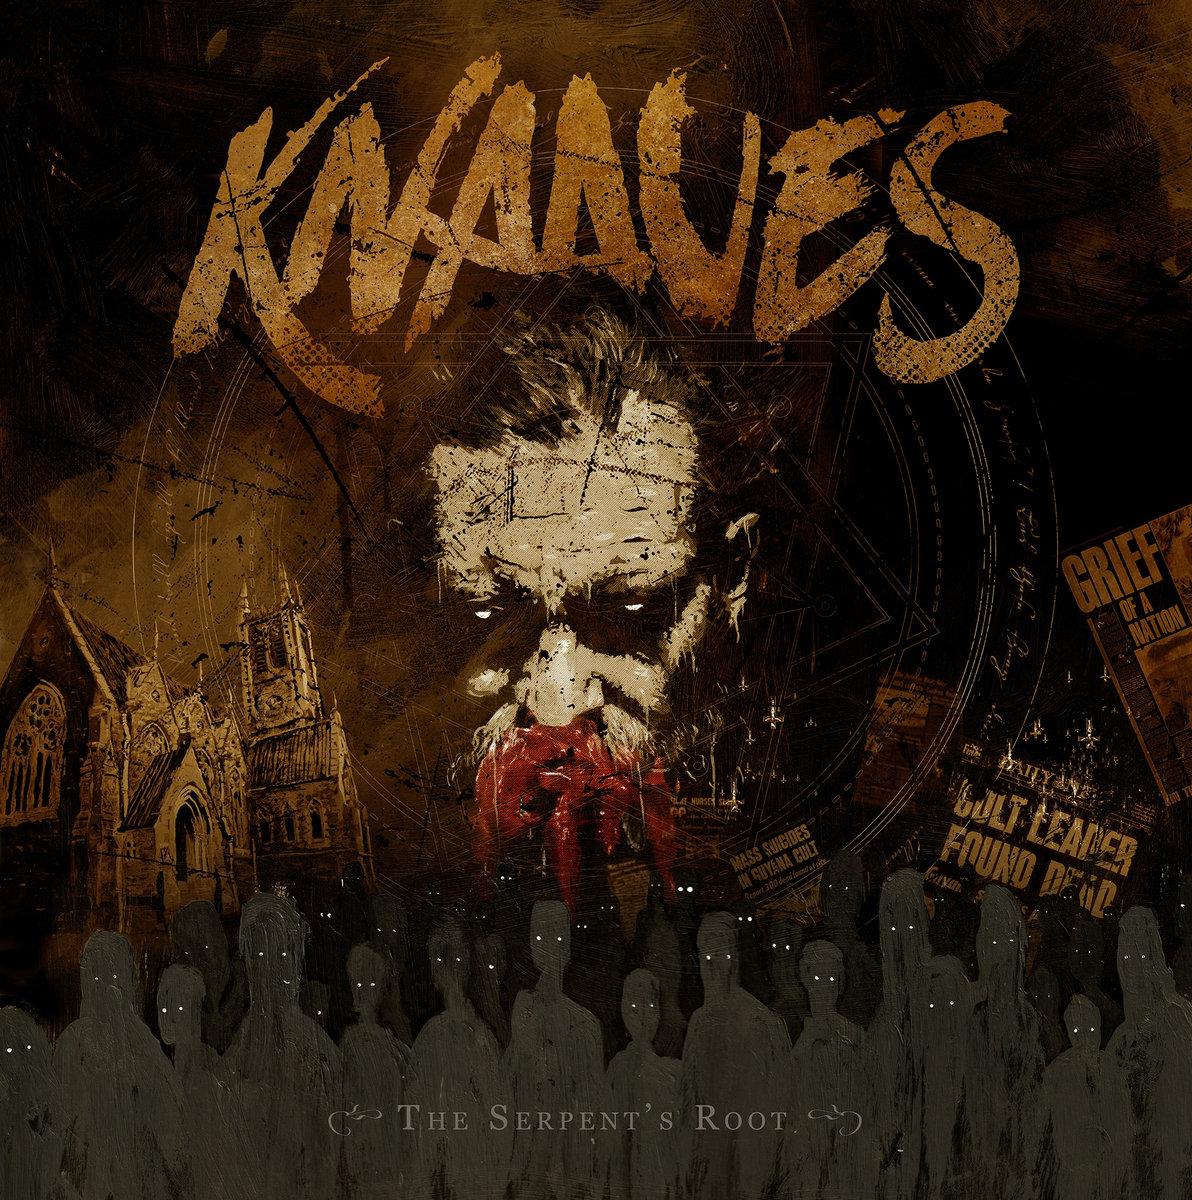 knaaves-serpents-root.jpg